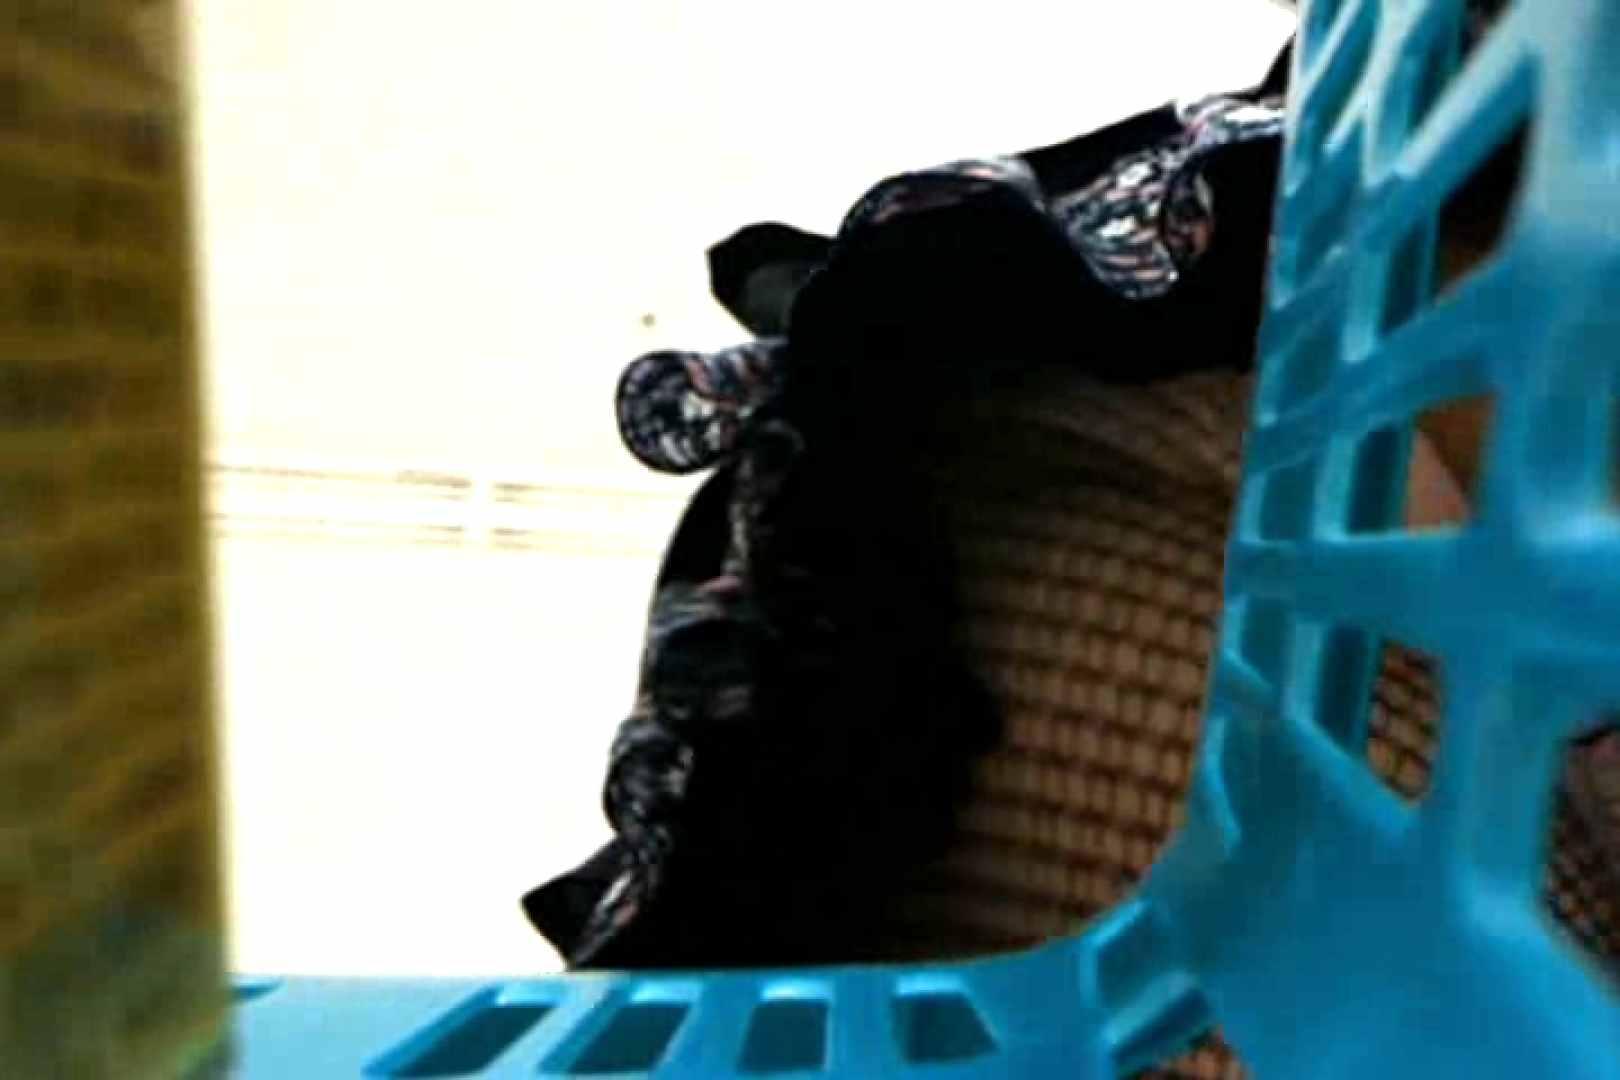 奥さん!おもいっきり生パンツVol.1 熟女の実態 盗み撮りAV無料動画キャプチャ 85pic 39